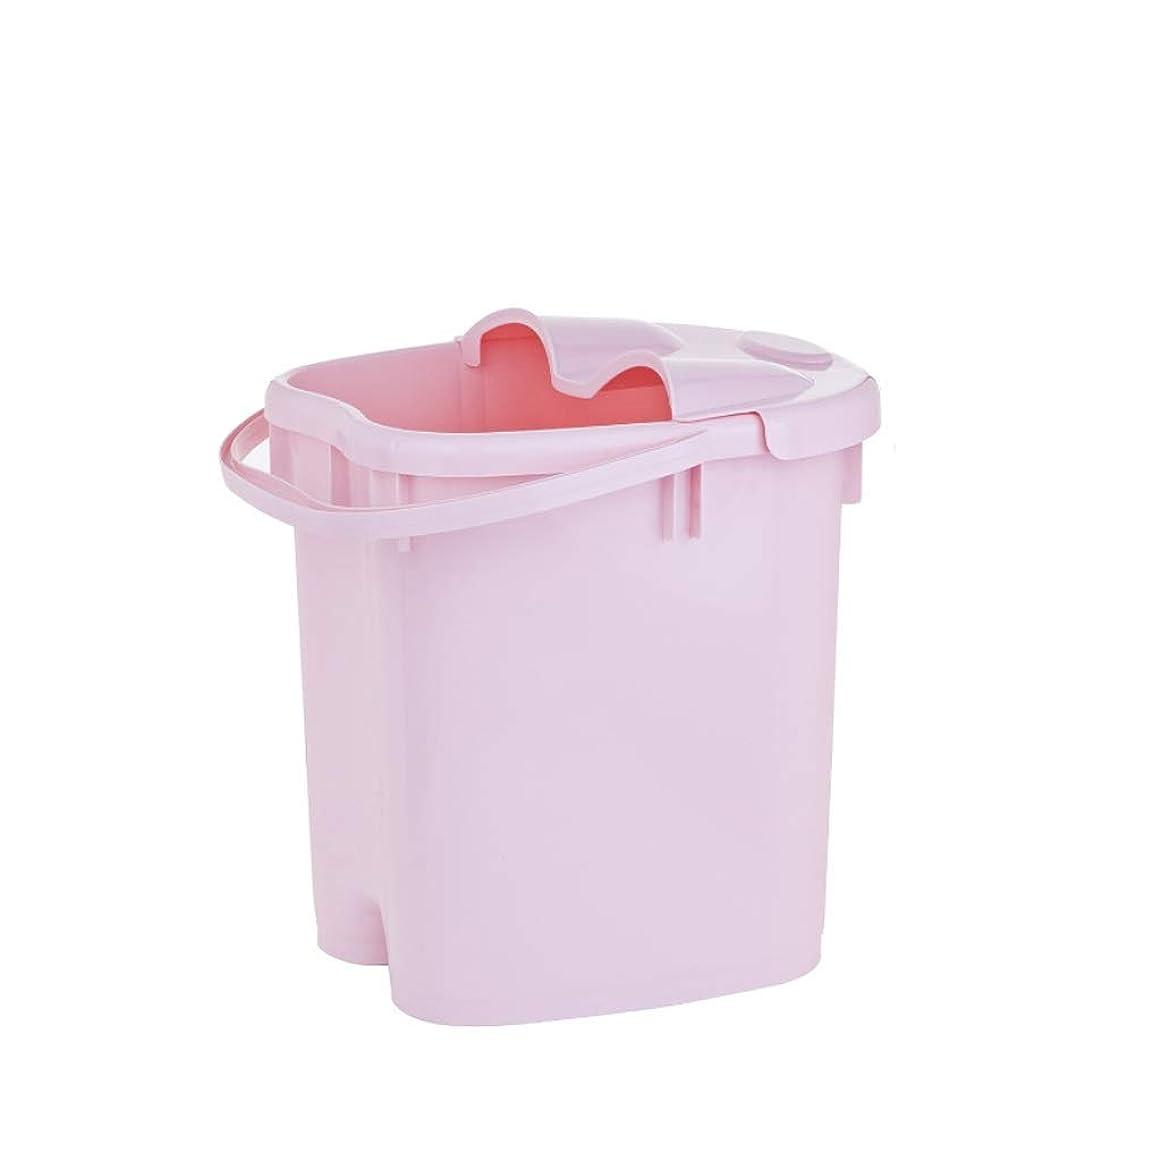 ソビエトビジター土器フットバスバレル- ?AMT携帯用高まりのマッサージの浴槽のふたの熱保存のフィートの洗面器の世帯が付いている大人のフットバスのバケツ Relax foot (色 : Pink, サイズ さいず : 39cm high)